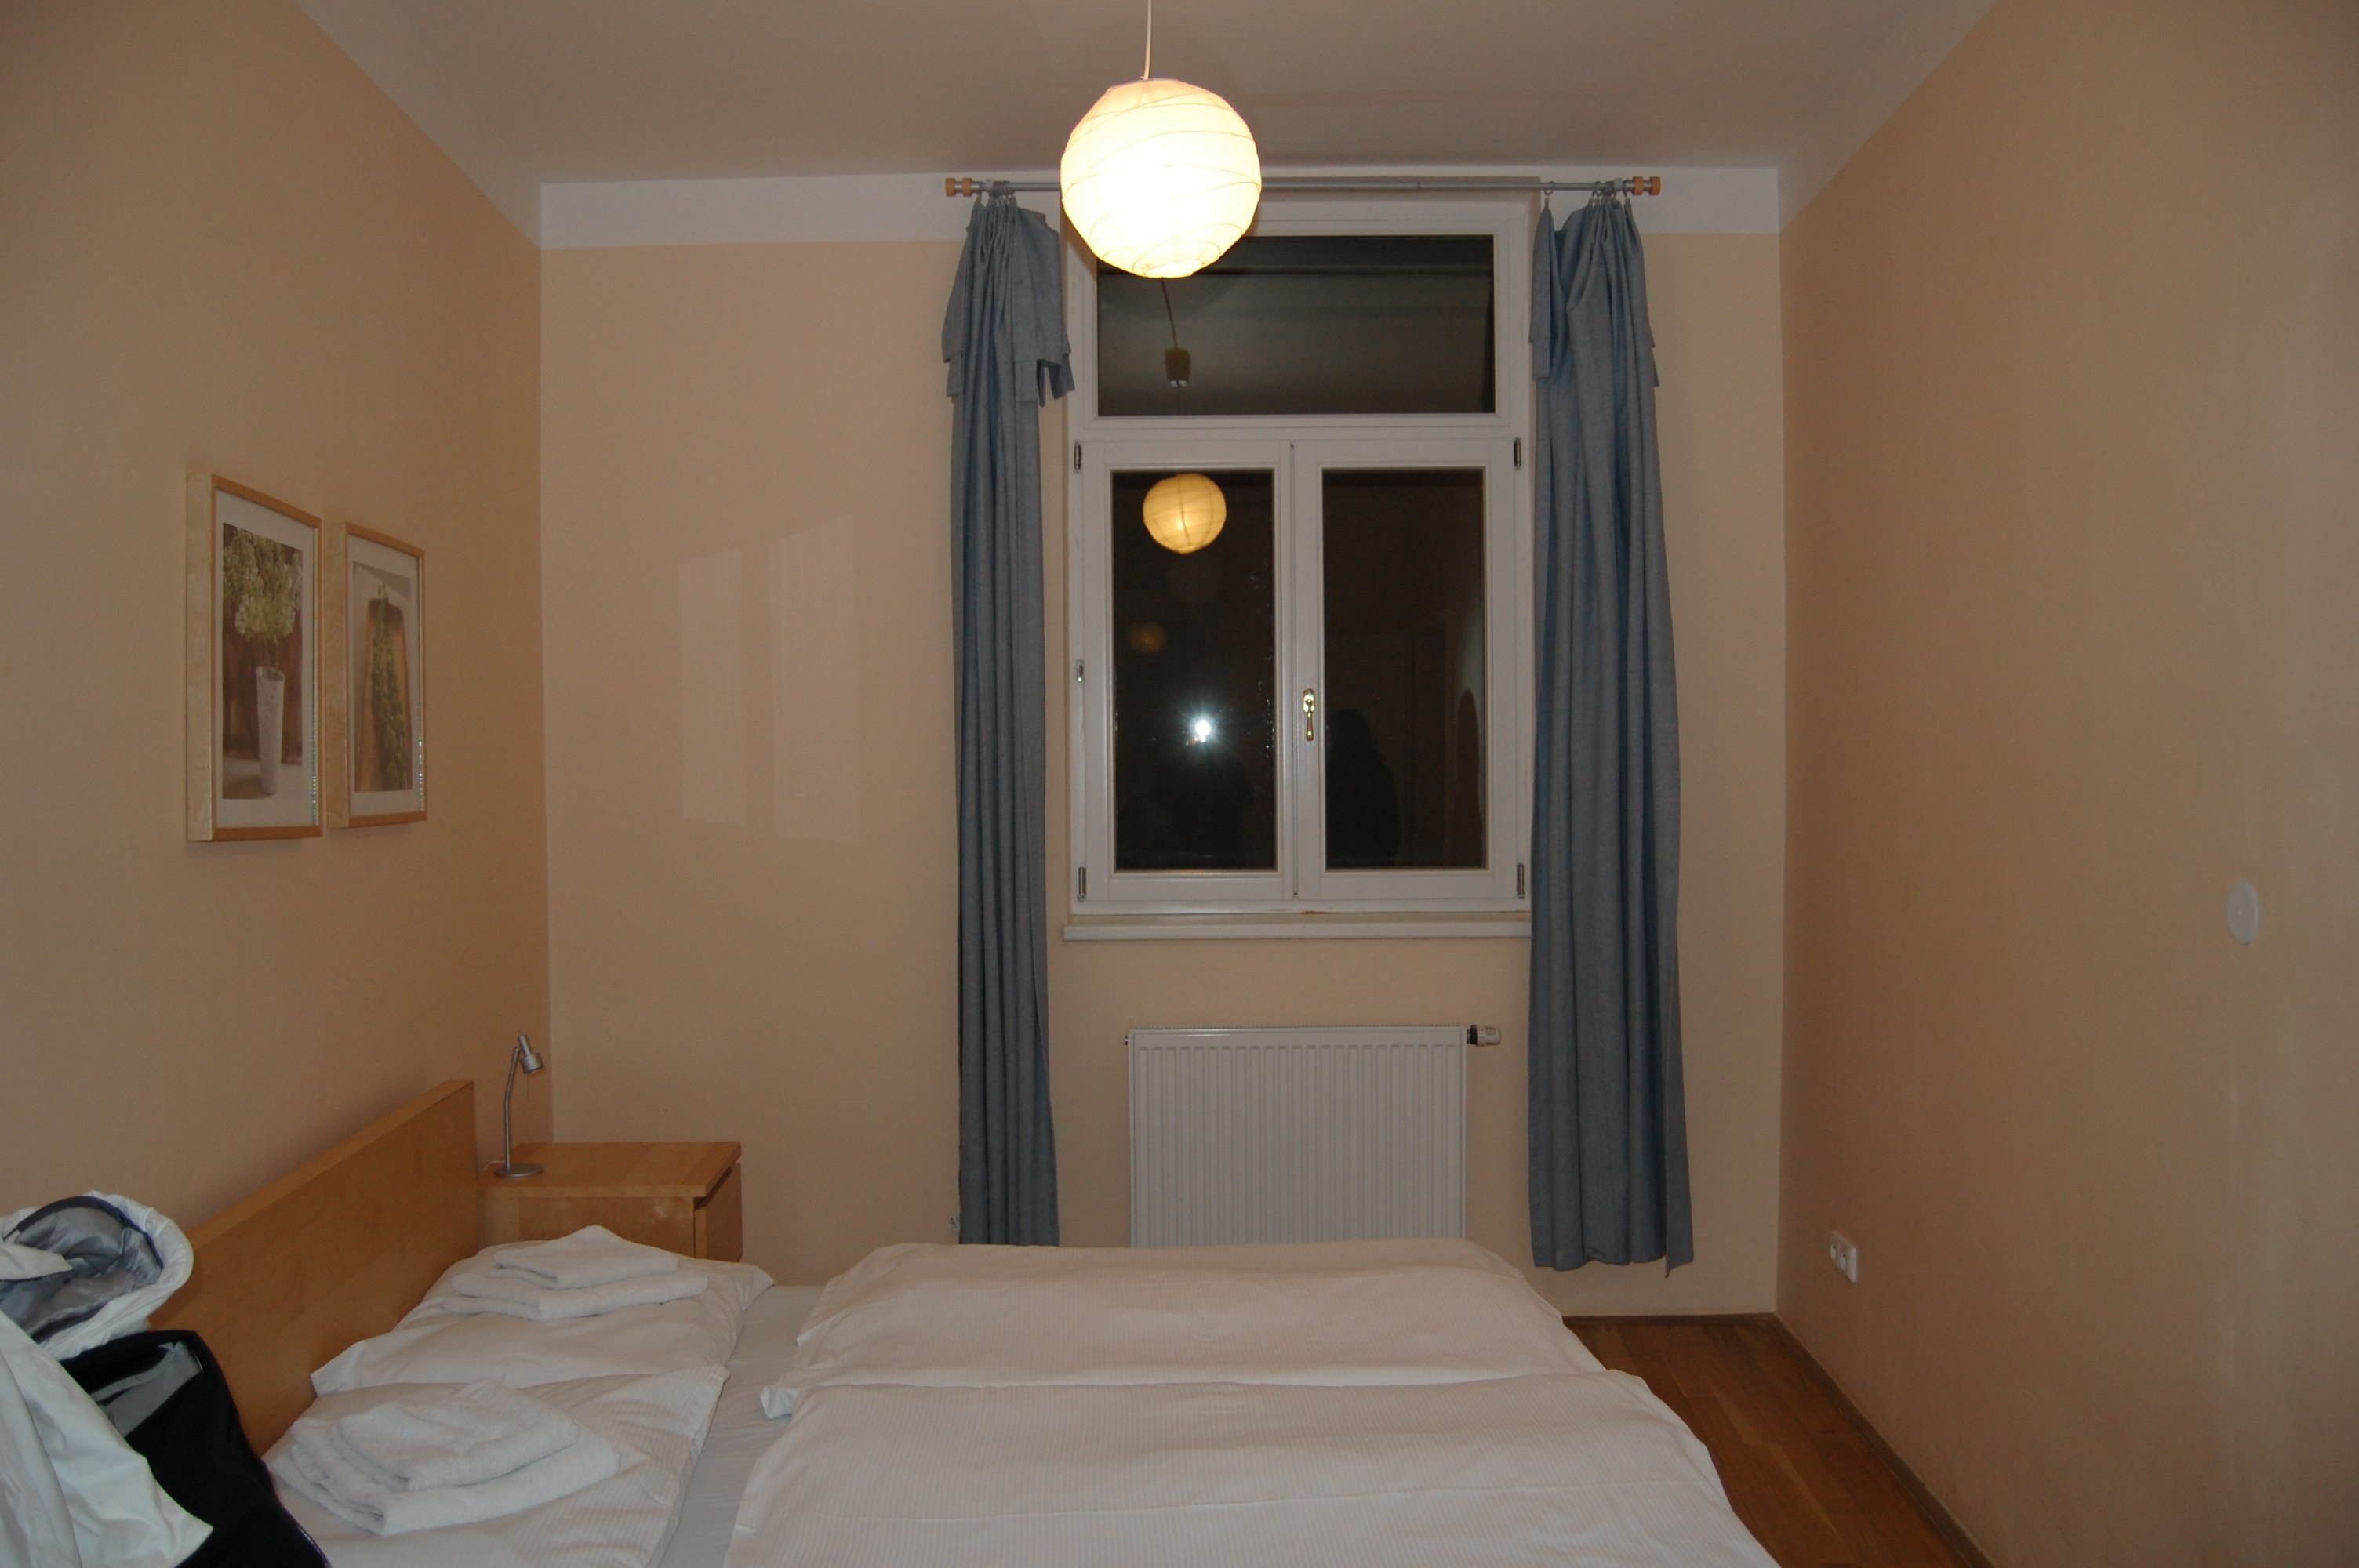 dove dormire a praga - In viaggio con Fabila